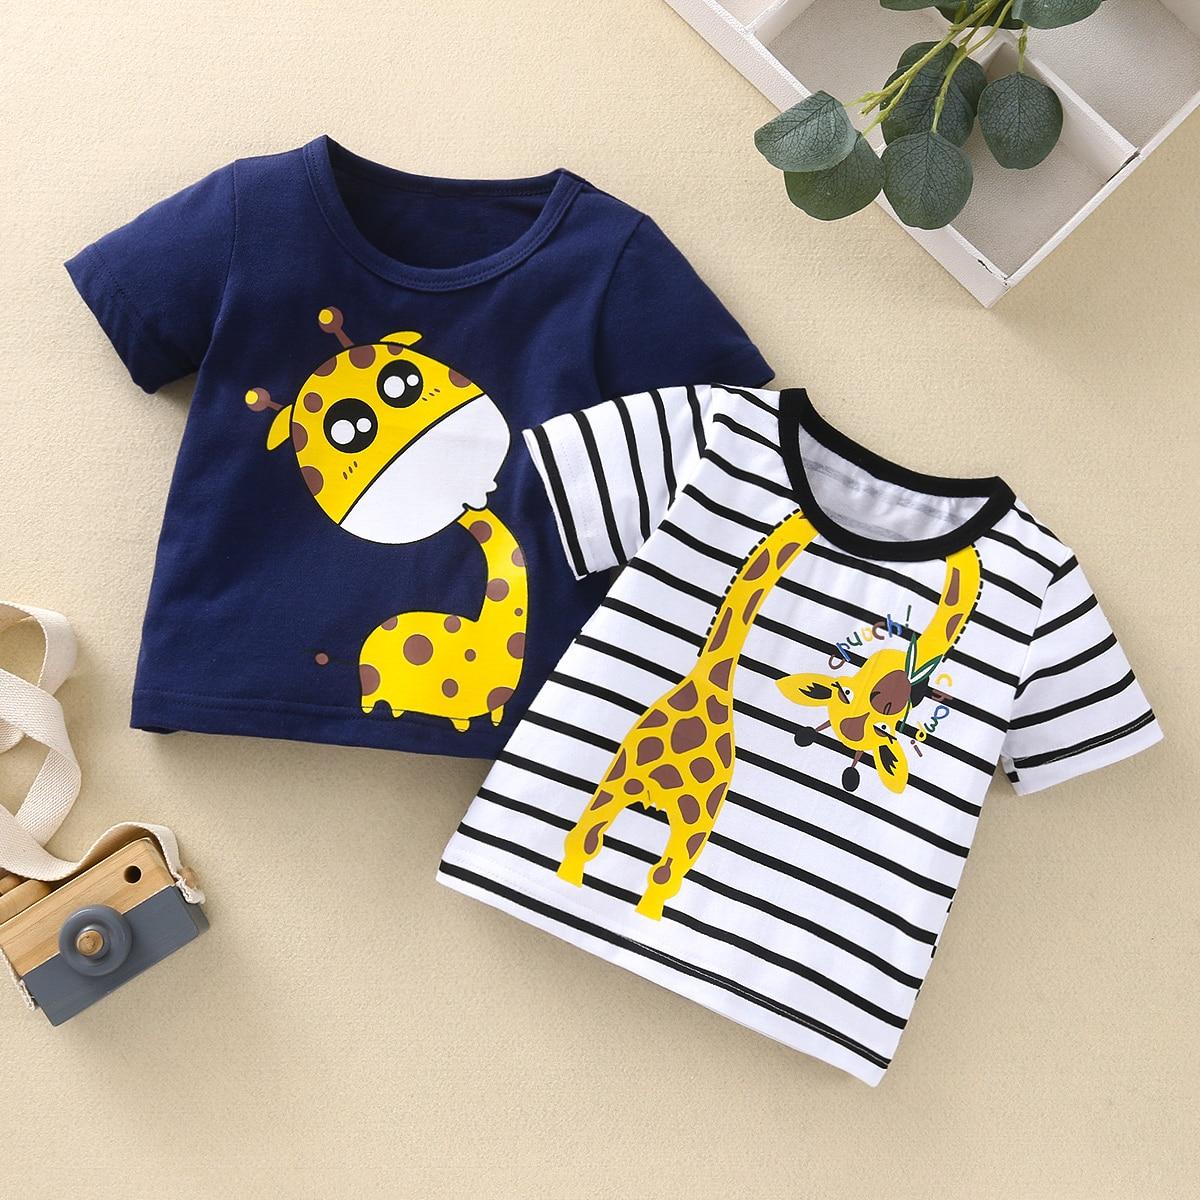 2шт футболка с оригинальным принтом для мальчиков SheIn sktop03210119523